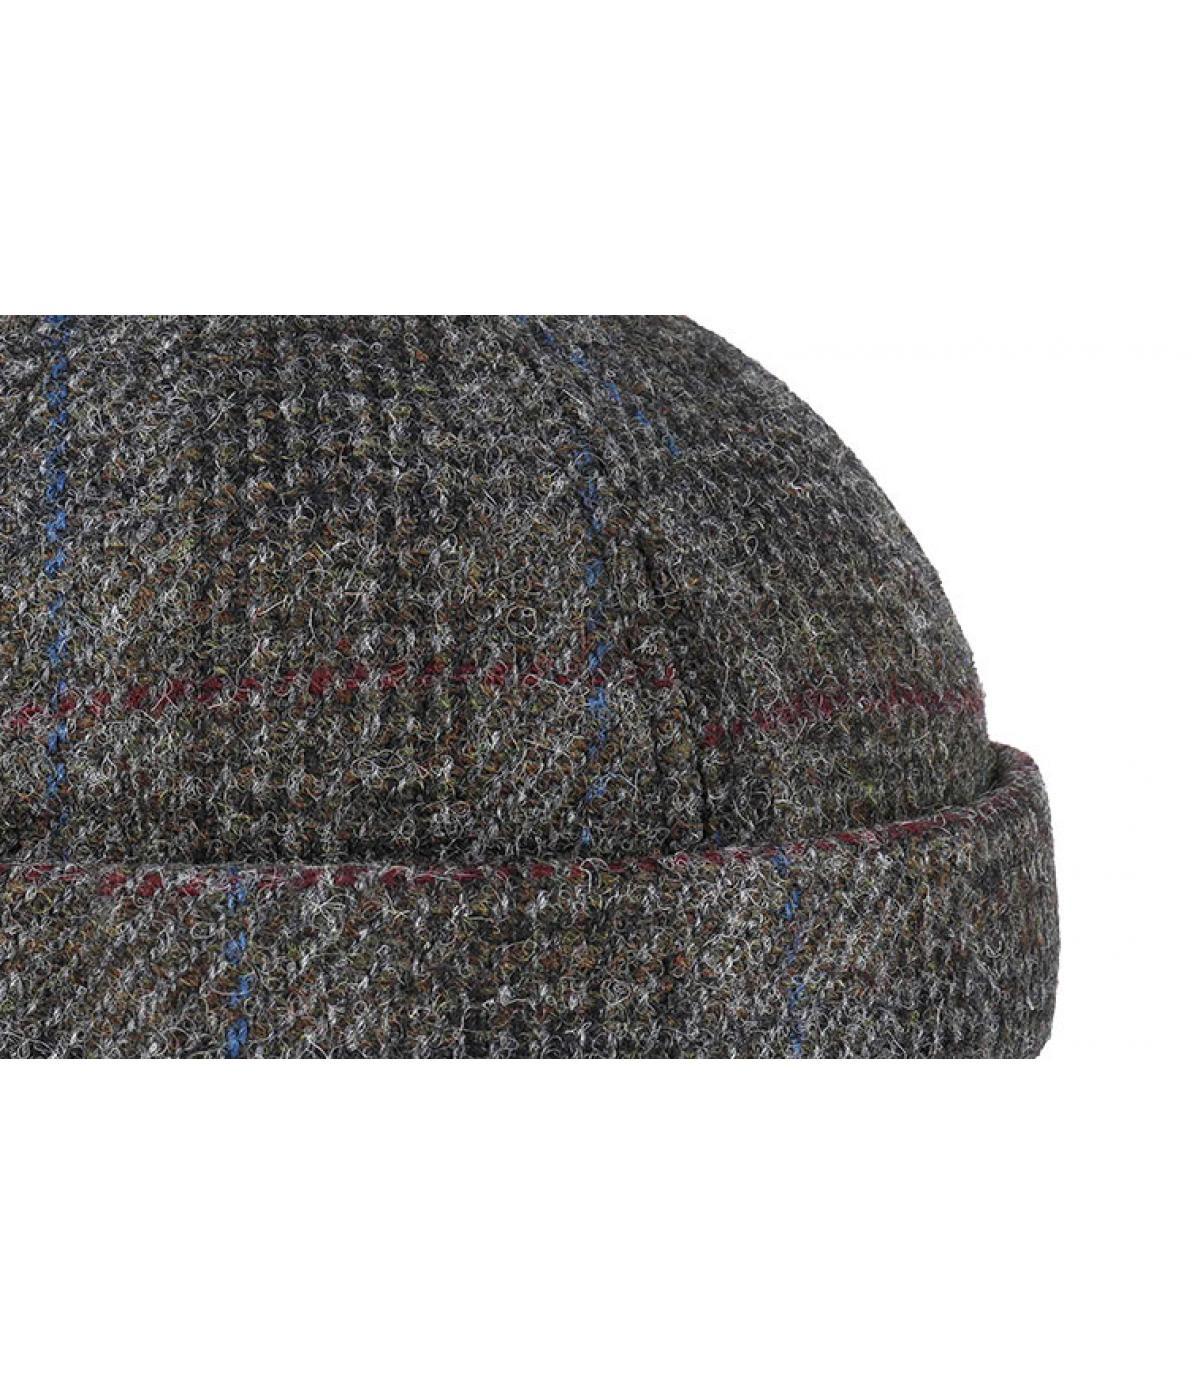 Detalles Docker Harris Tweed Virgin Wool grey imagen 3